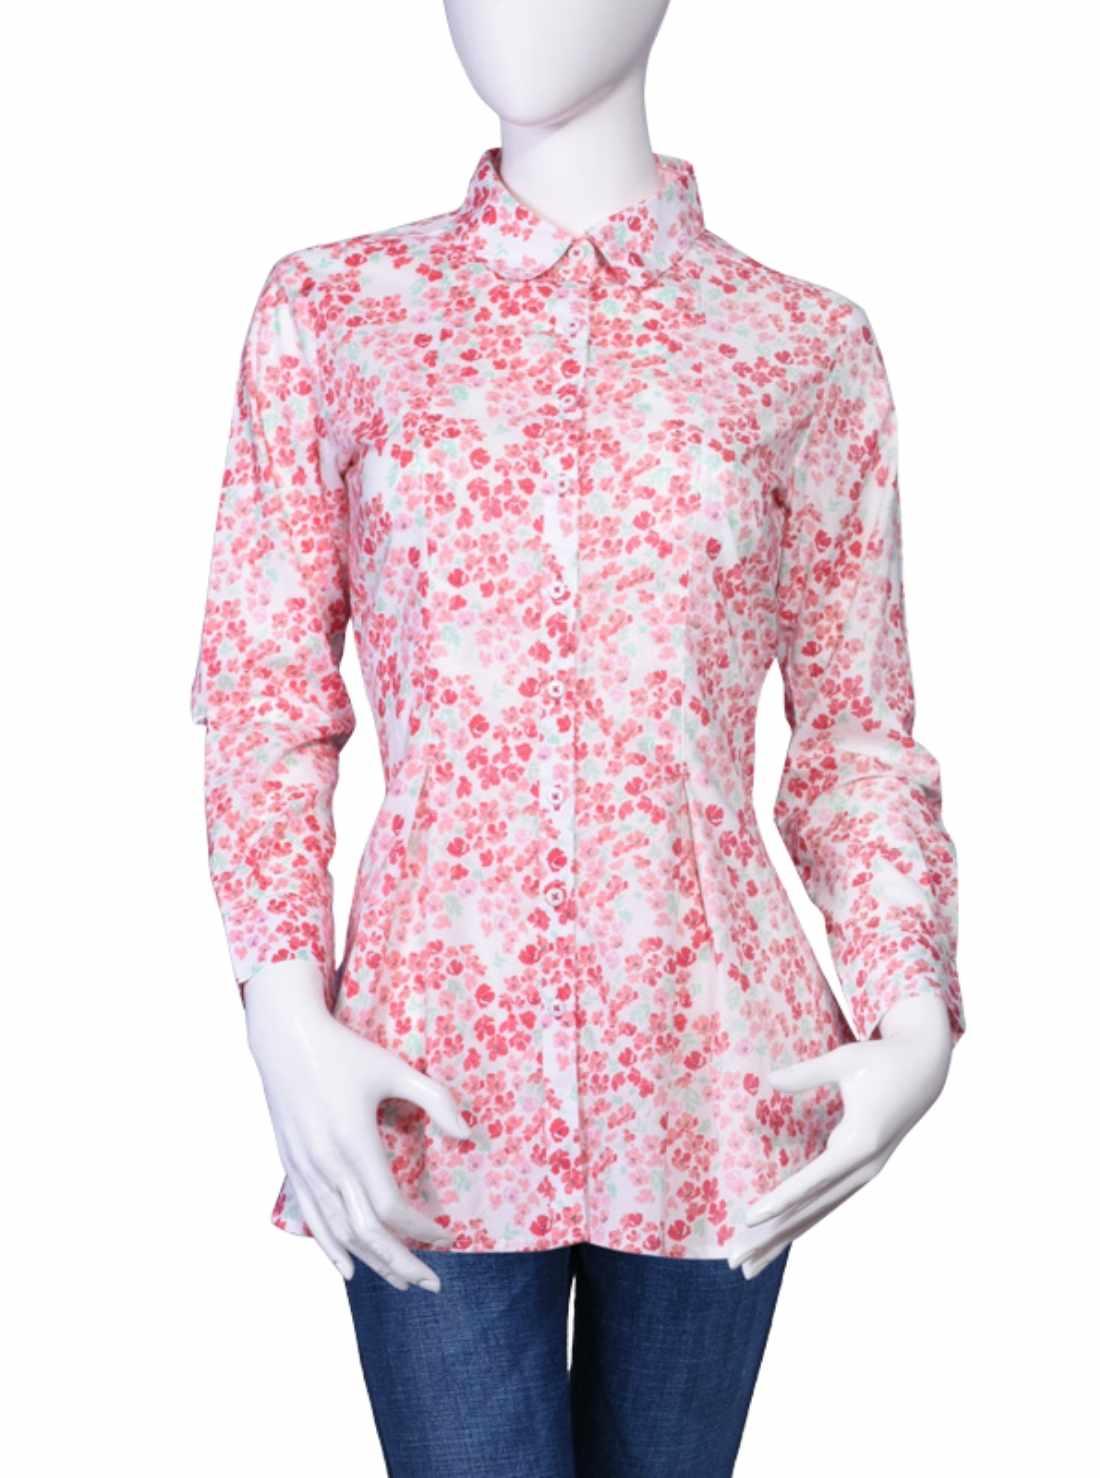 Teenage dress western tops pink printed